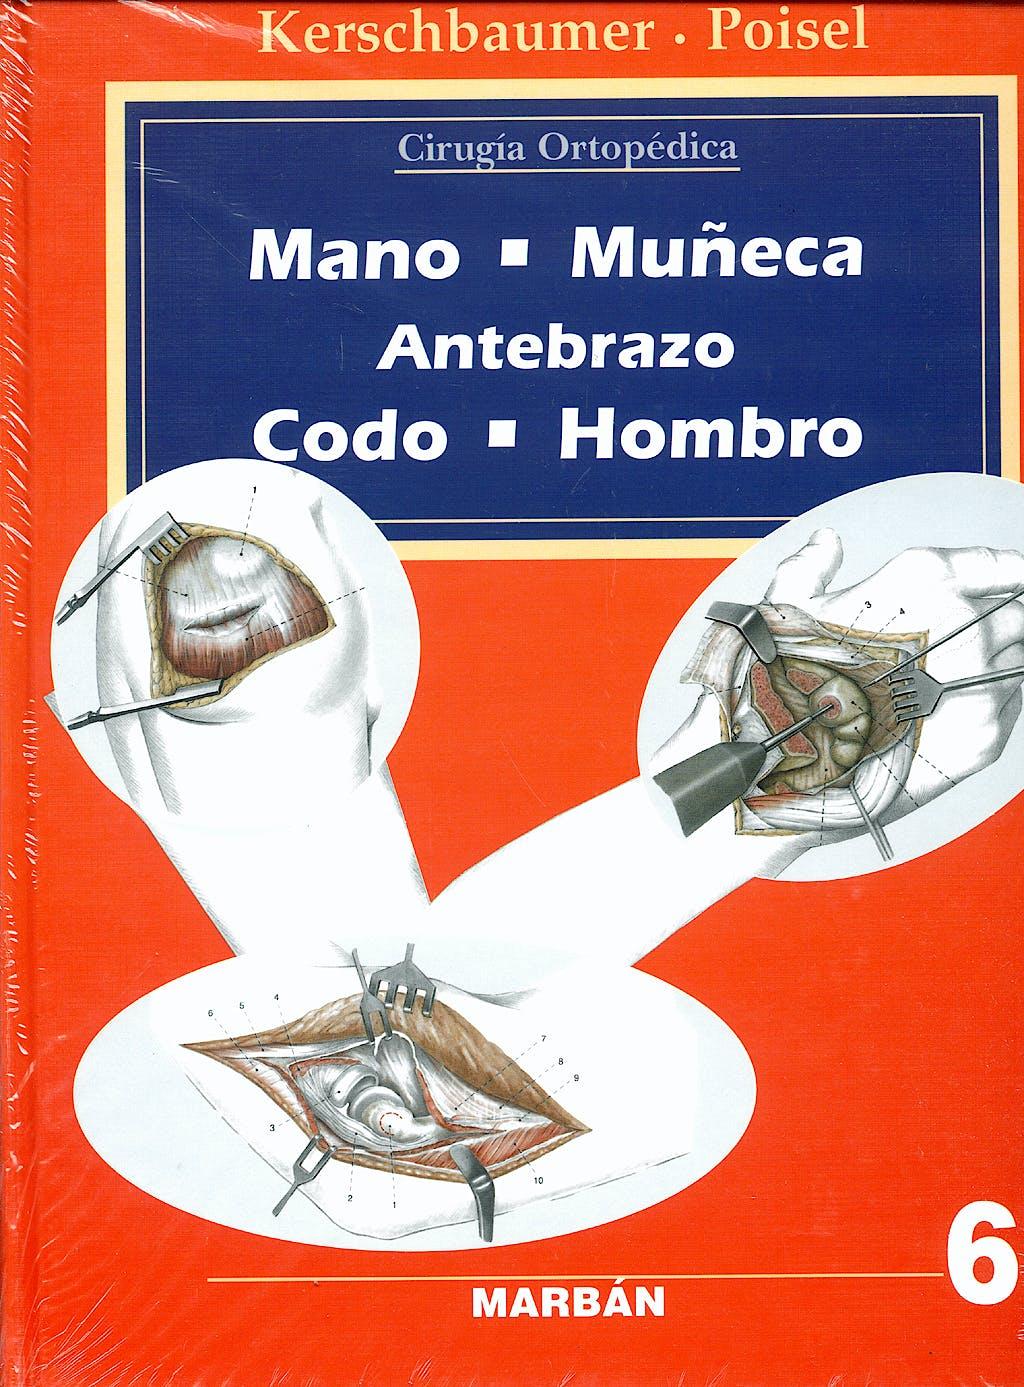 Portada del libro 9788471012388 Cirugía Ortopédica, Vol. 6: Mano, Muñeca, Antebrazo, Codo y Hombro